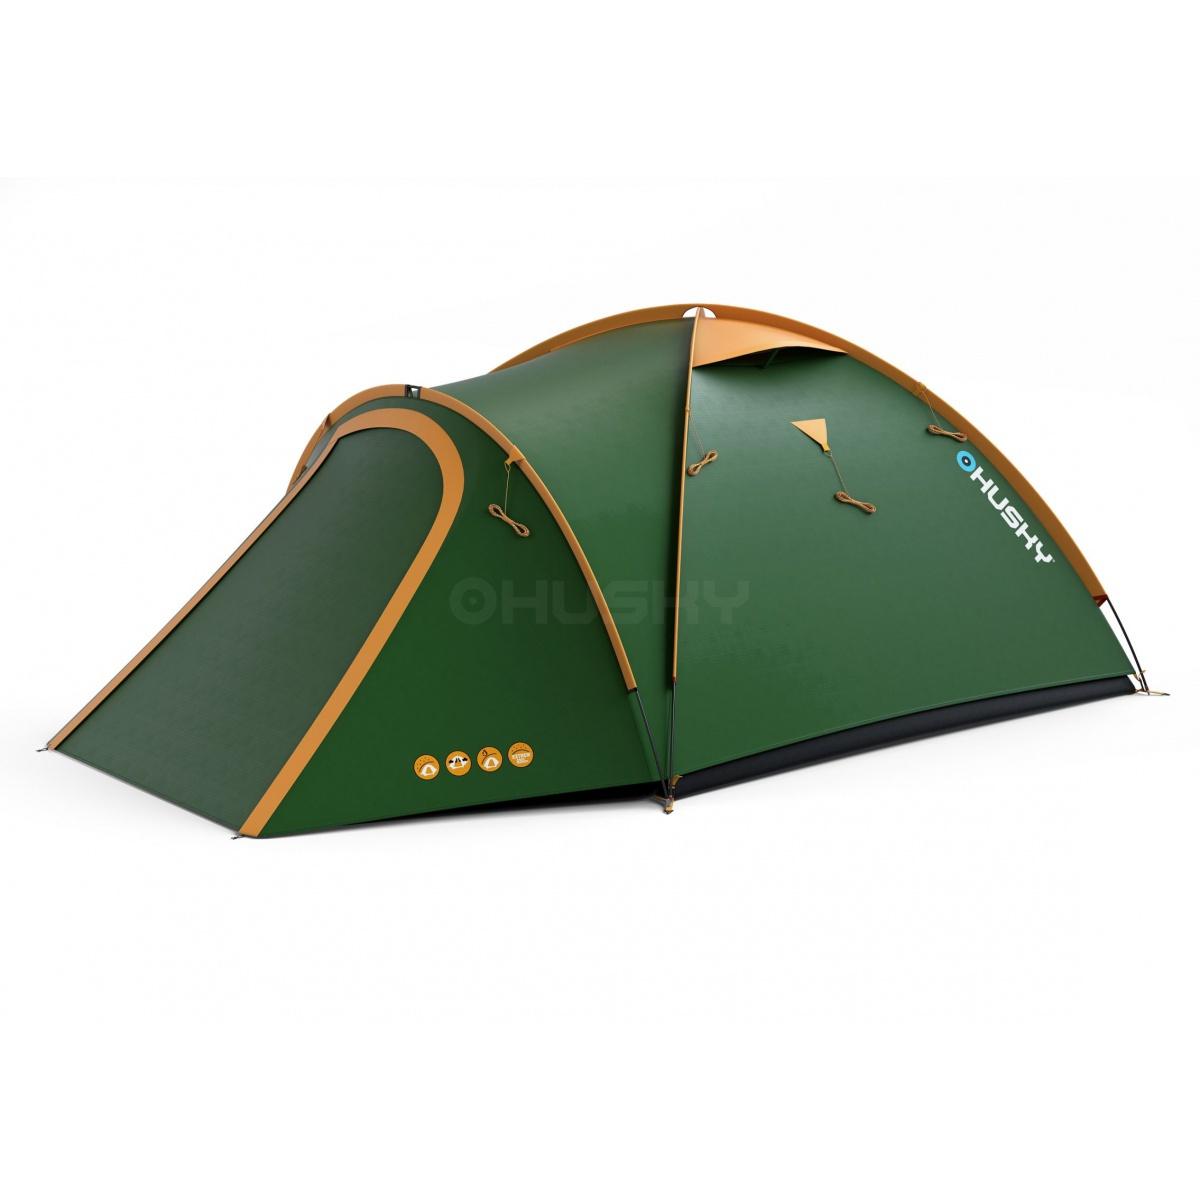 Husky Bizon 4 classic zelená Stan Outdoor